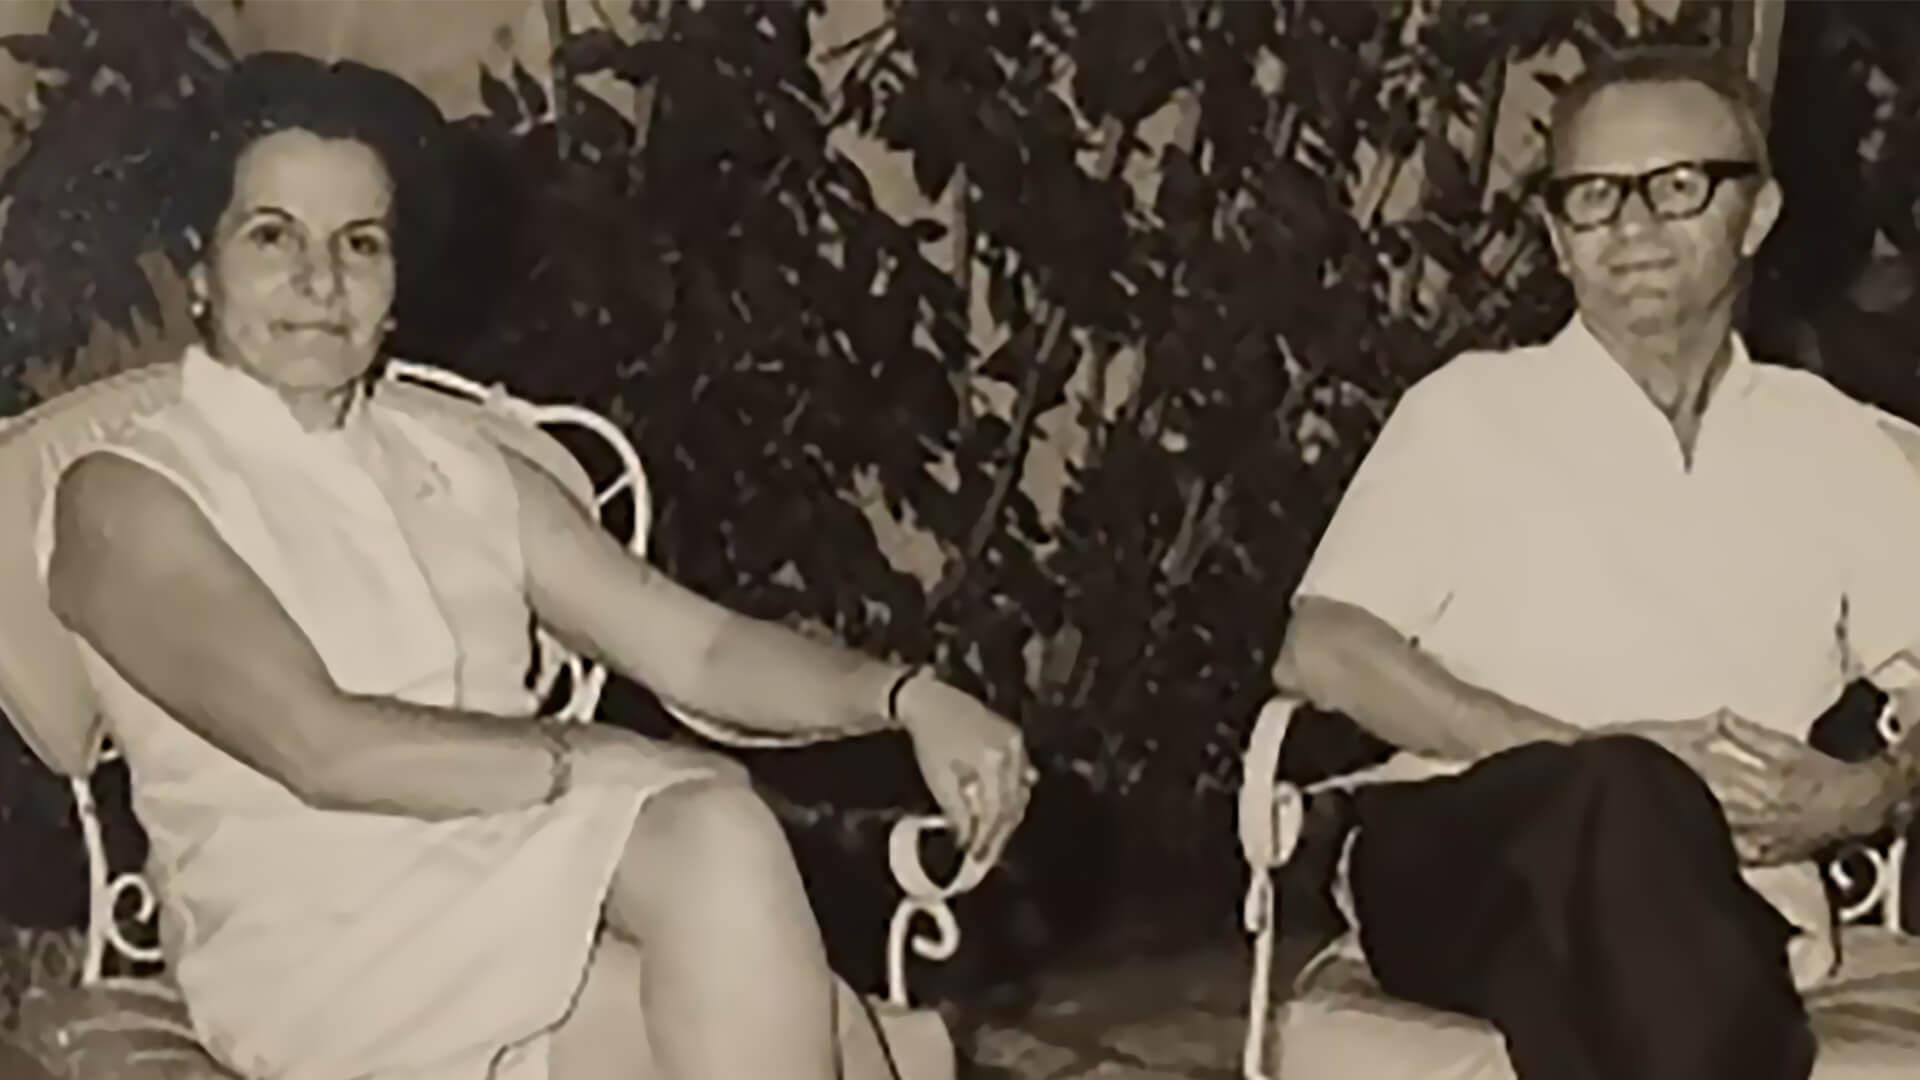 Mario Cavagliano Broglia y Dirce Strozzi Cavagliano